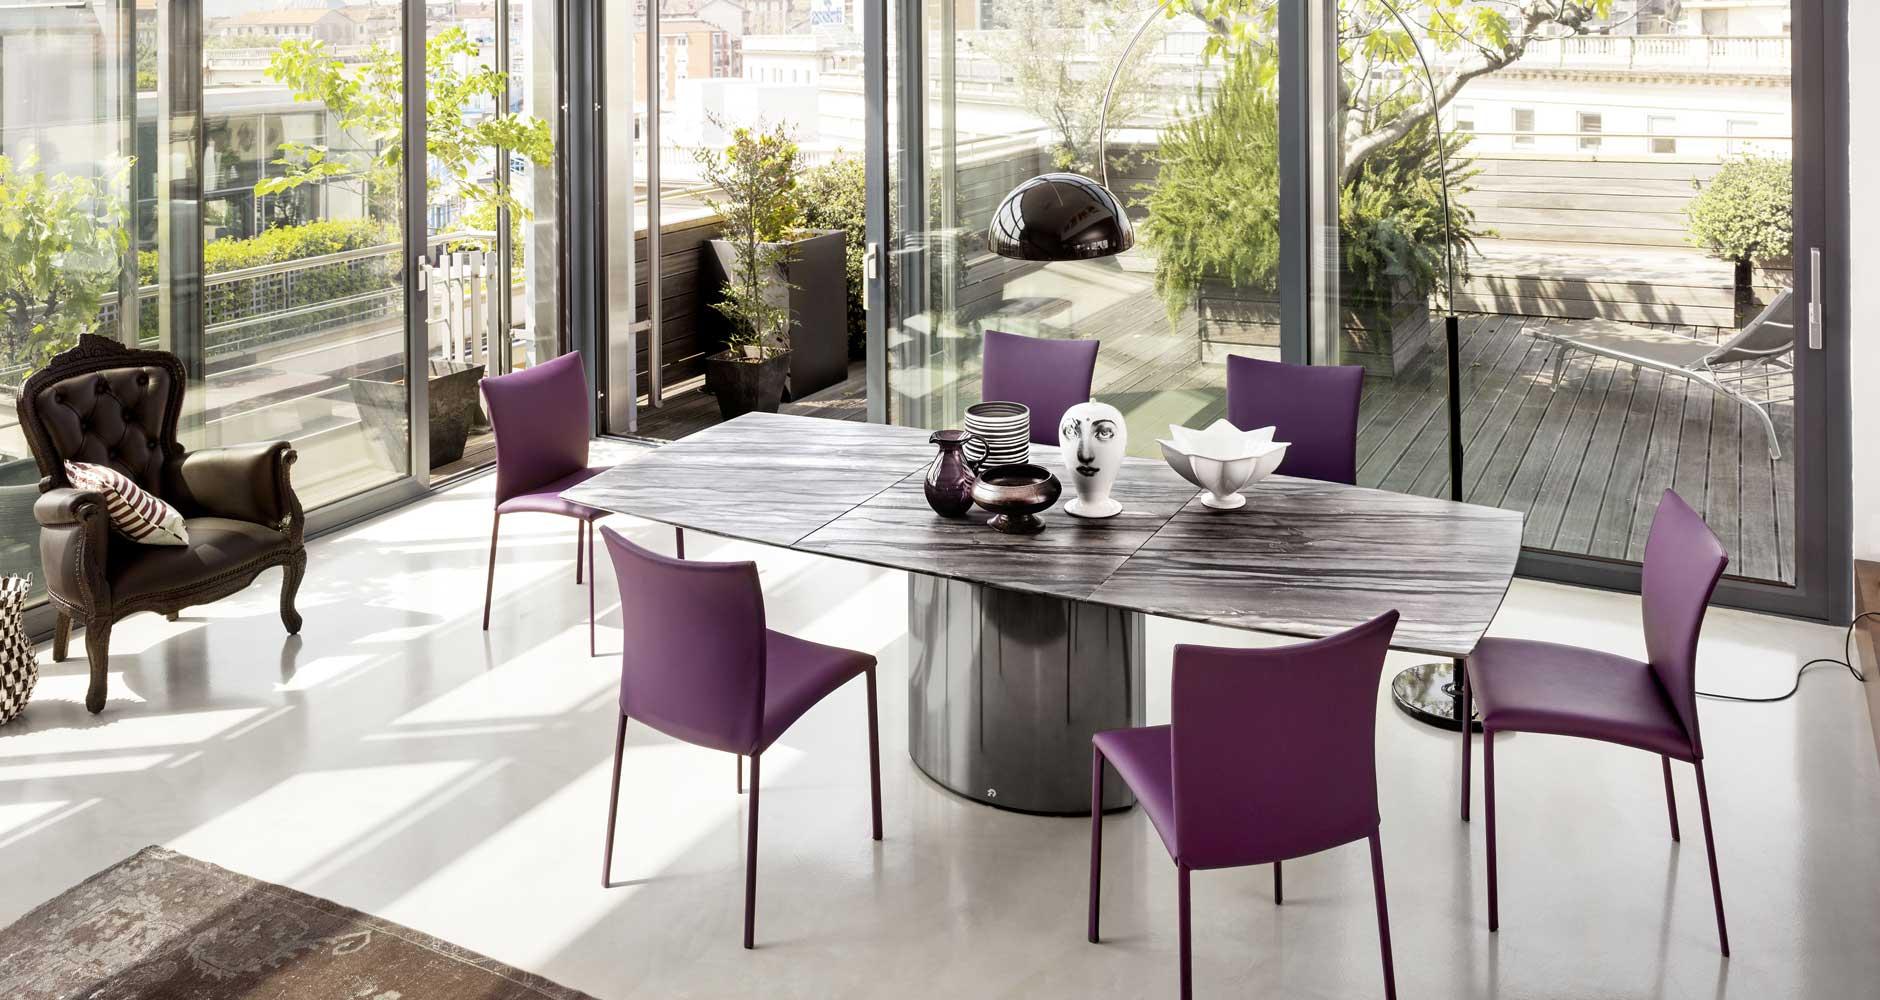 Tischkultur von Draenert